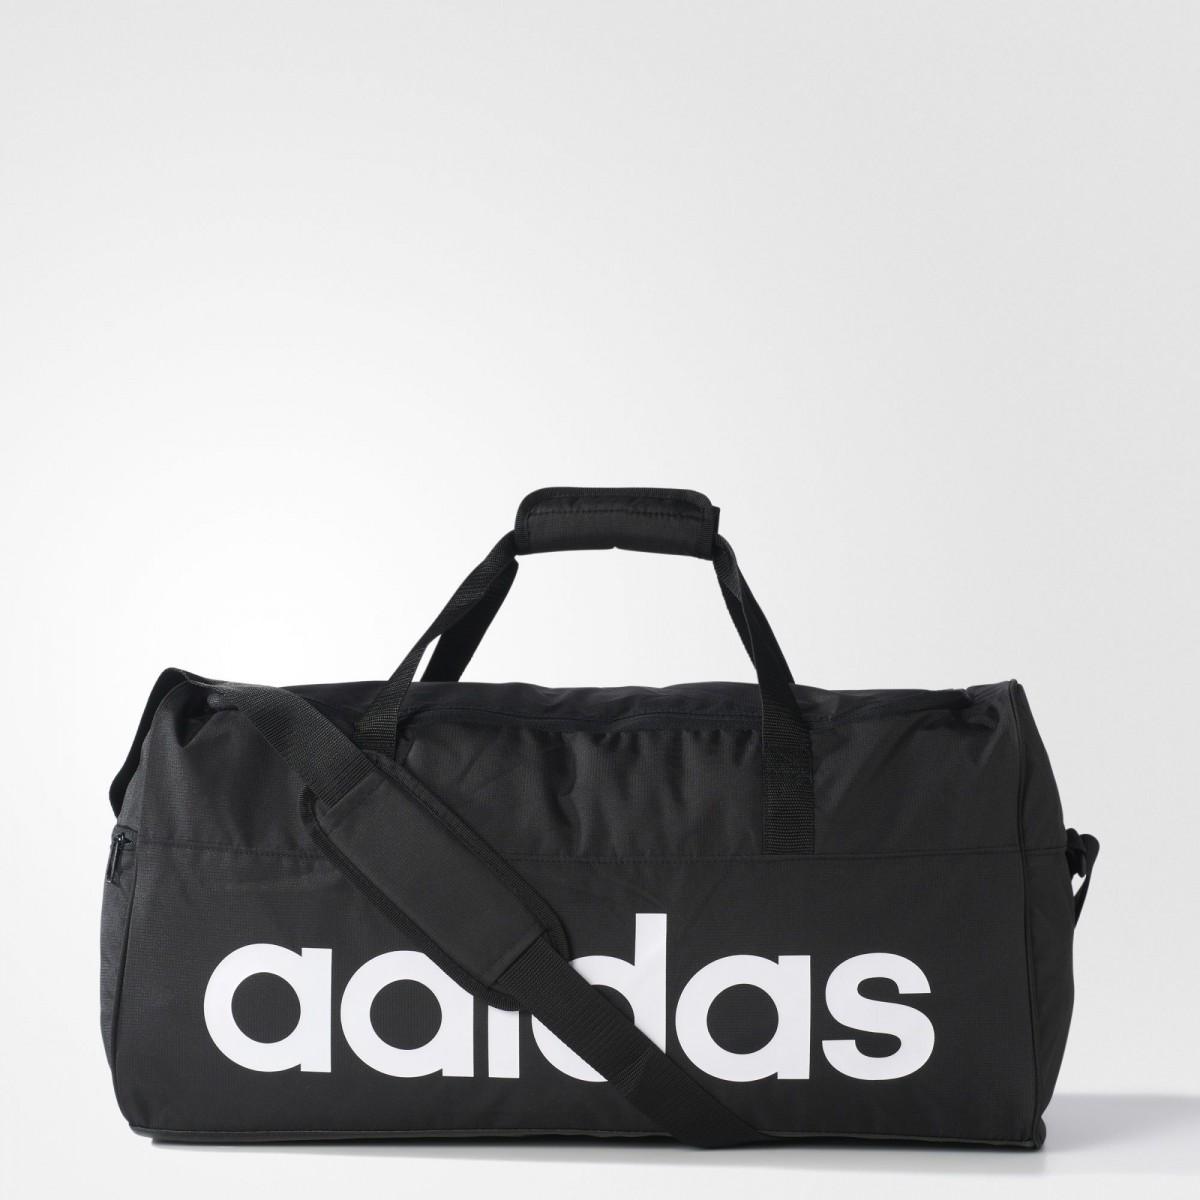 55c1cbff3ddc4 Bizz Store - Sacola de Viagem Adidas Essentials Preta Esportiva